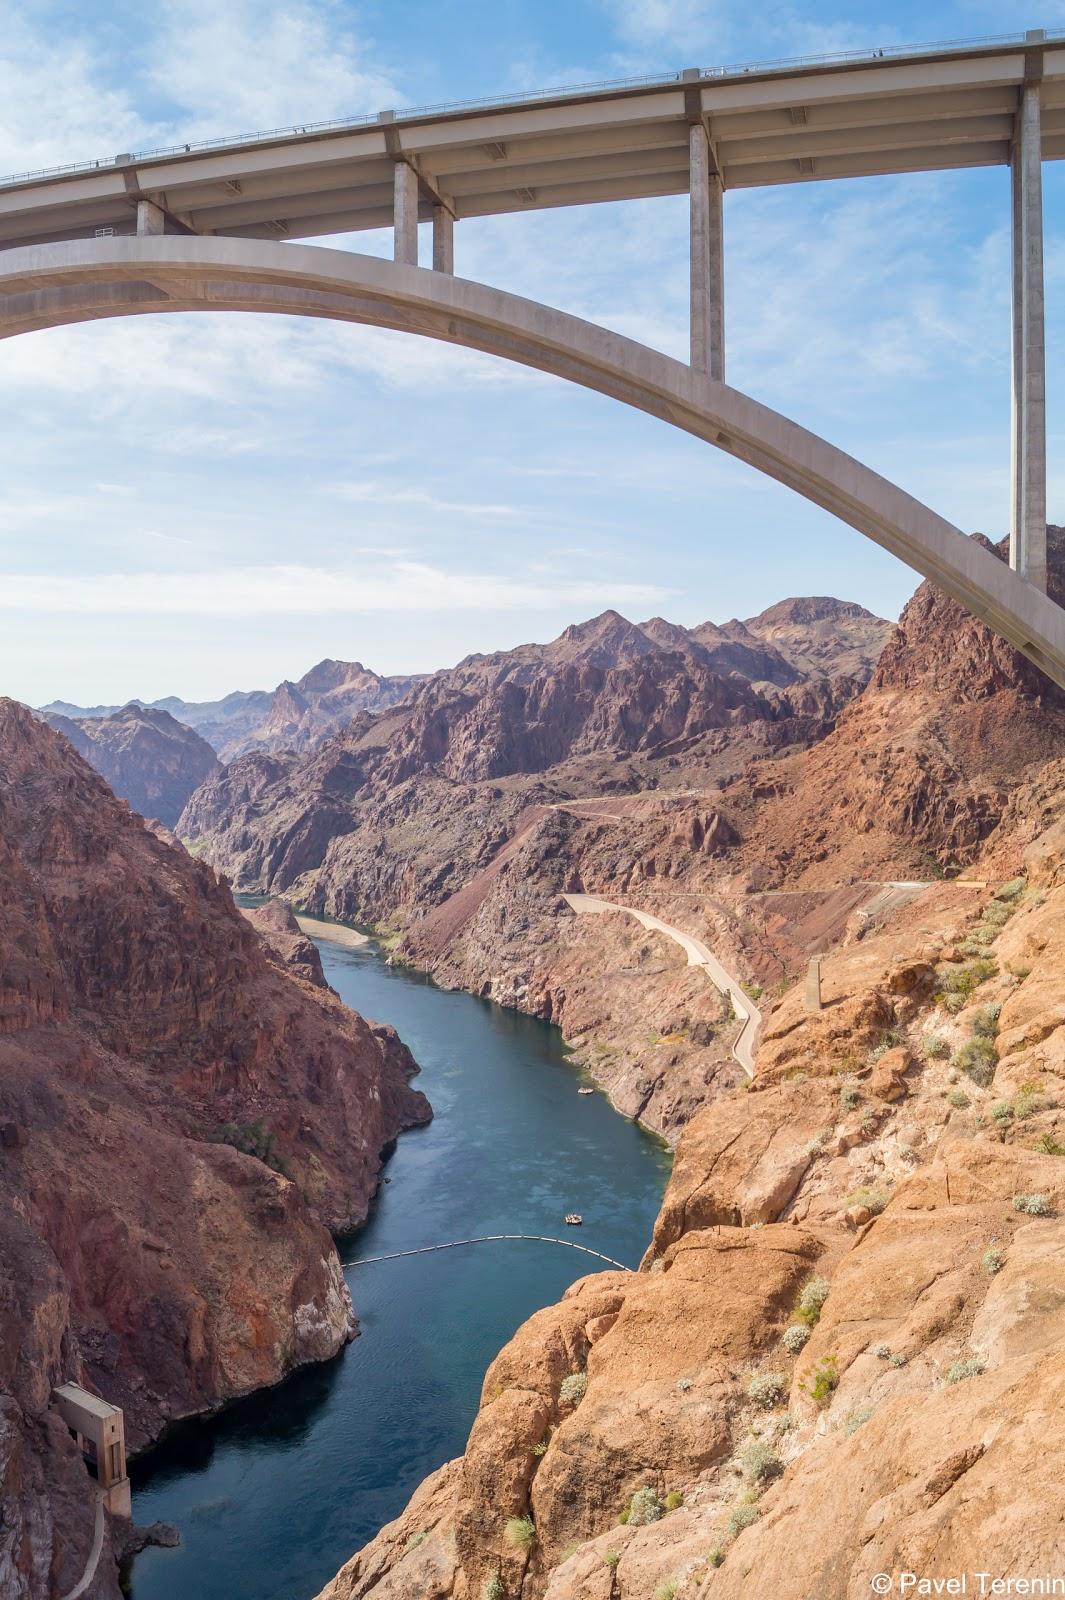 Мост является вторым по высоте в США и обладает самой длинной железобетонной аркой в Западном полушарии.